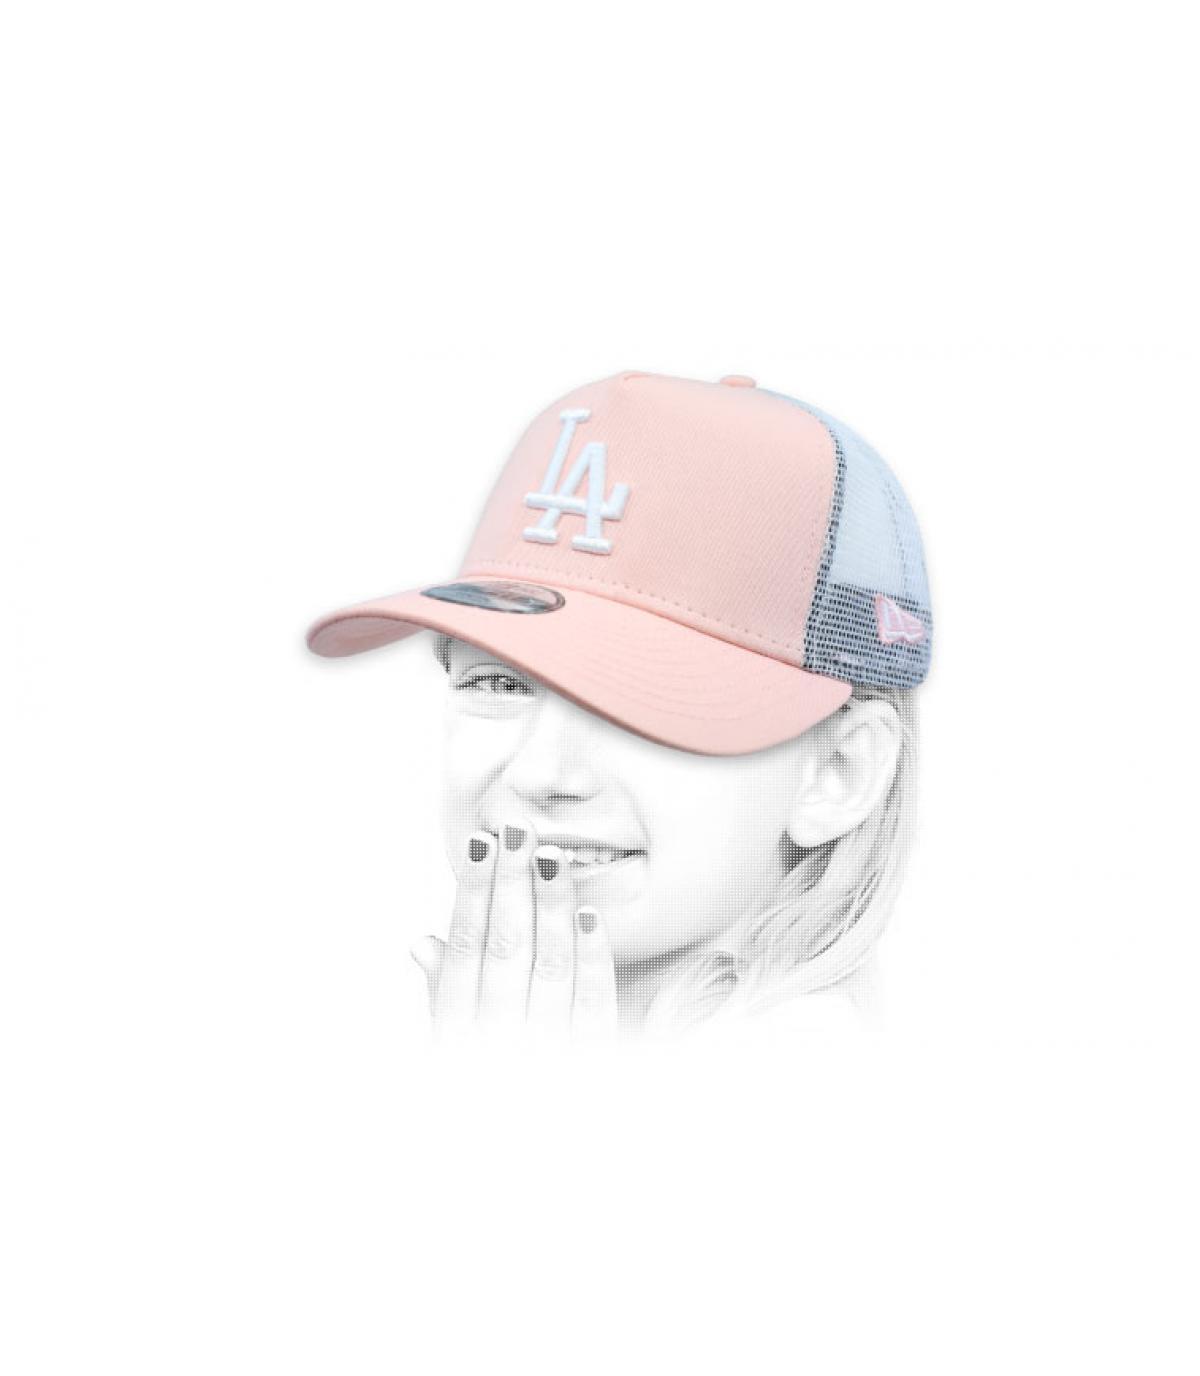 pink LA child trucker